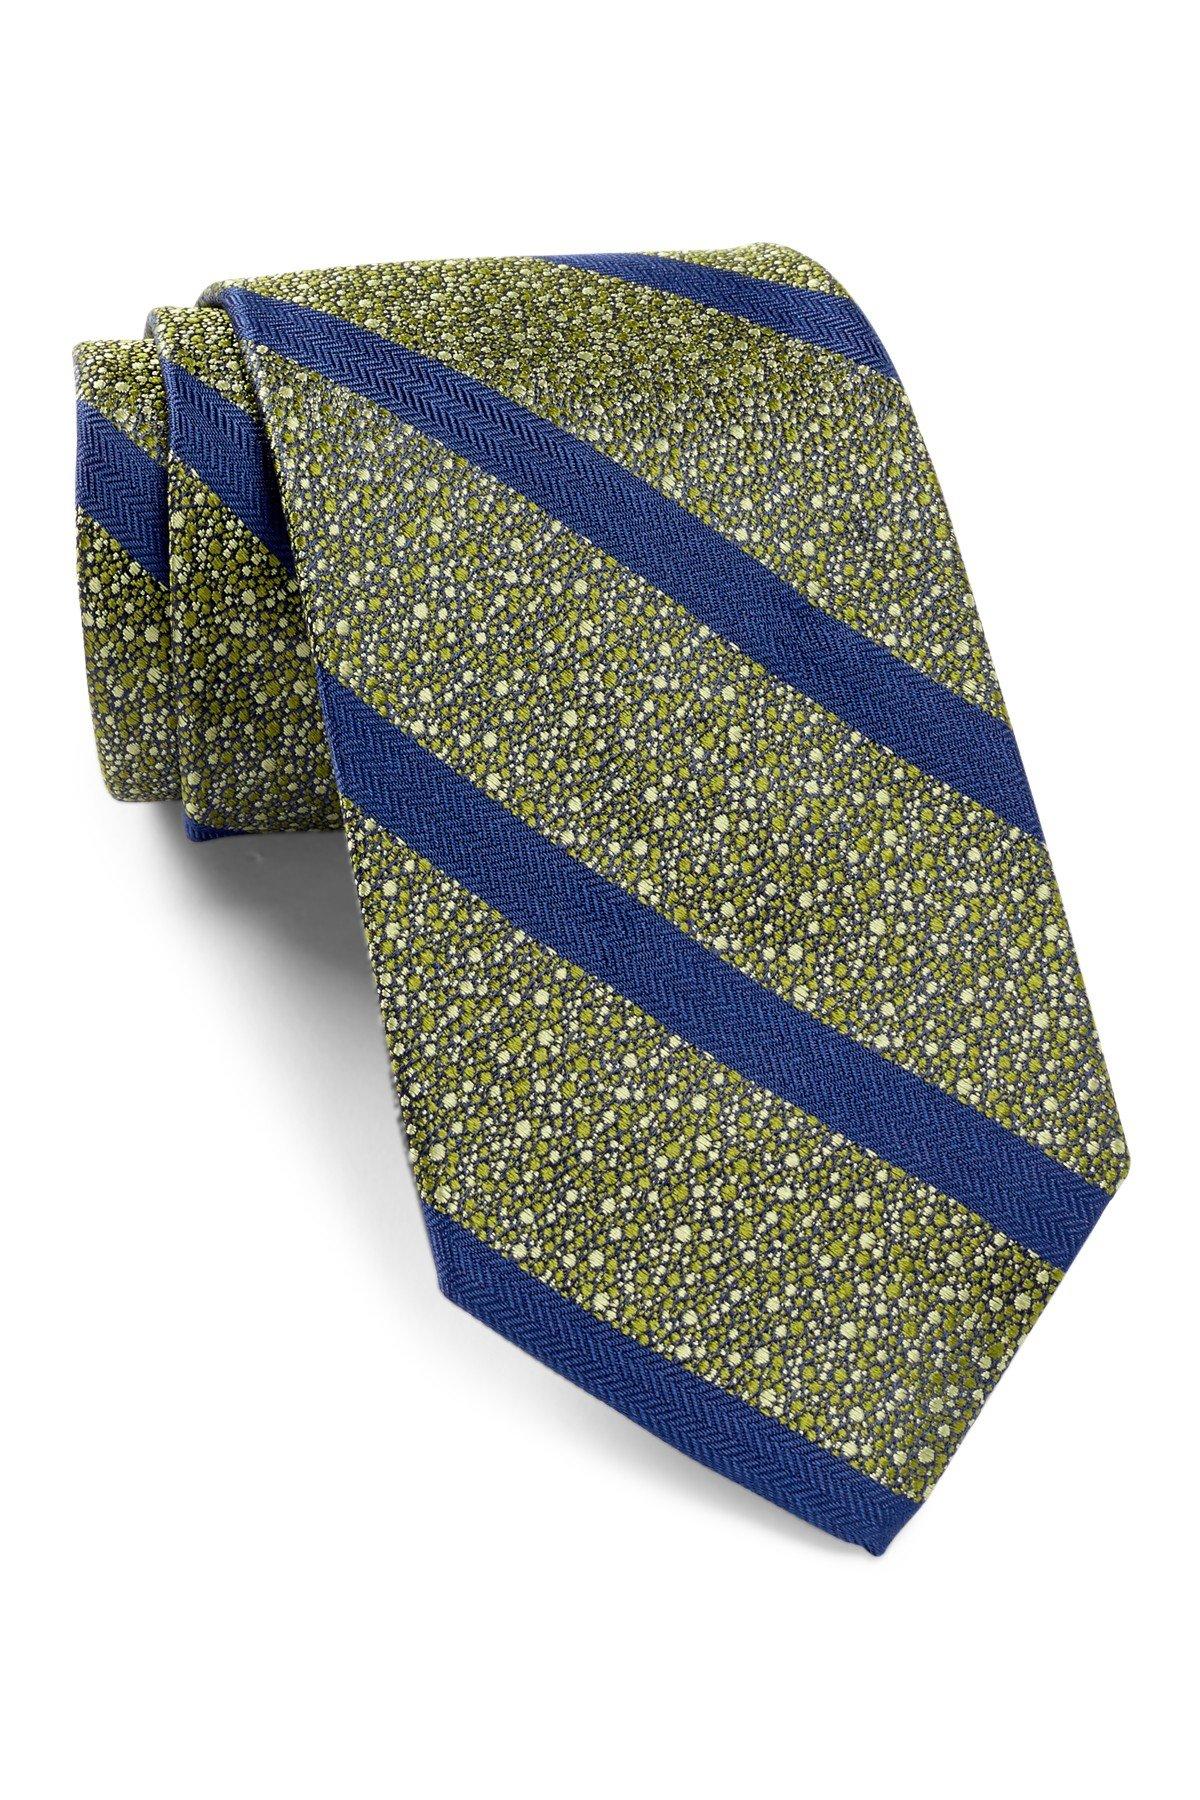 Robert Talbott Men's Best of Class Stripe Silk Tie, OS, Green